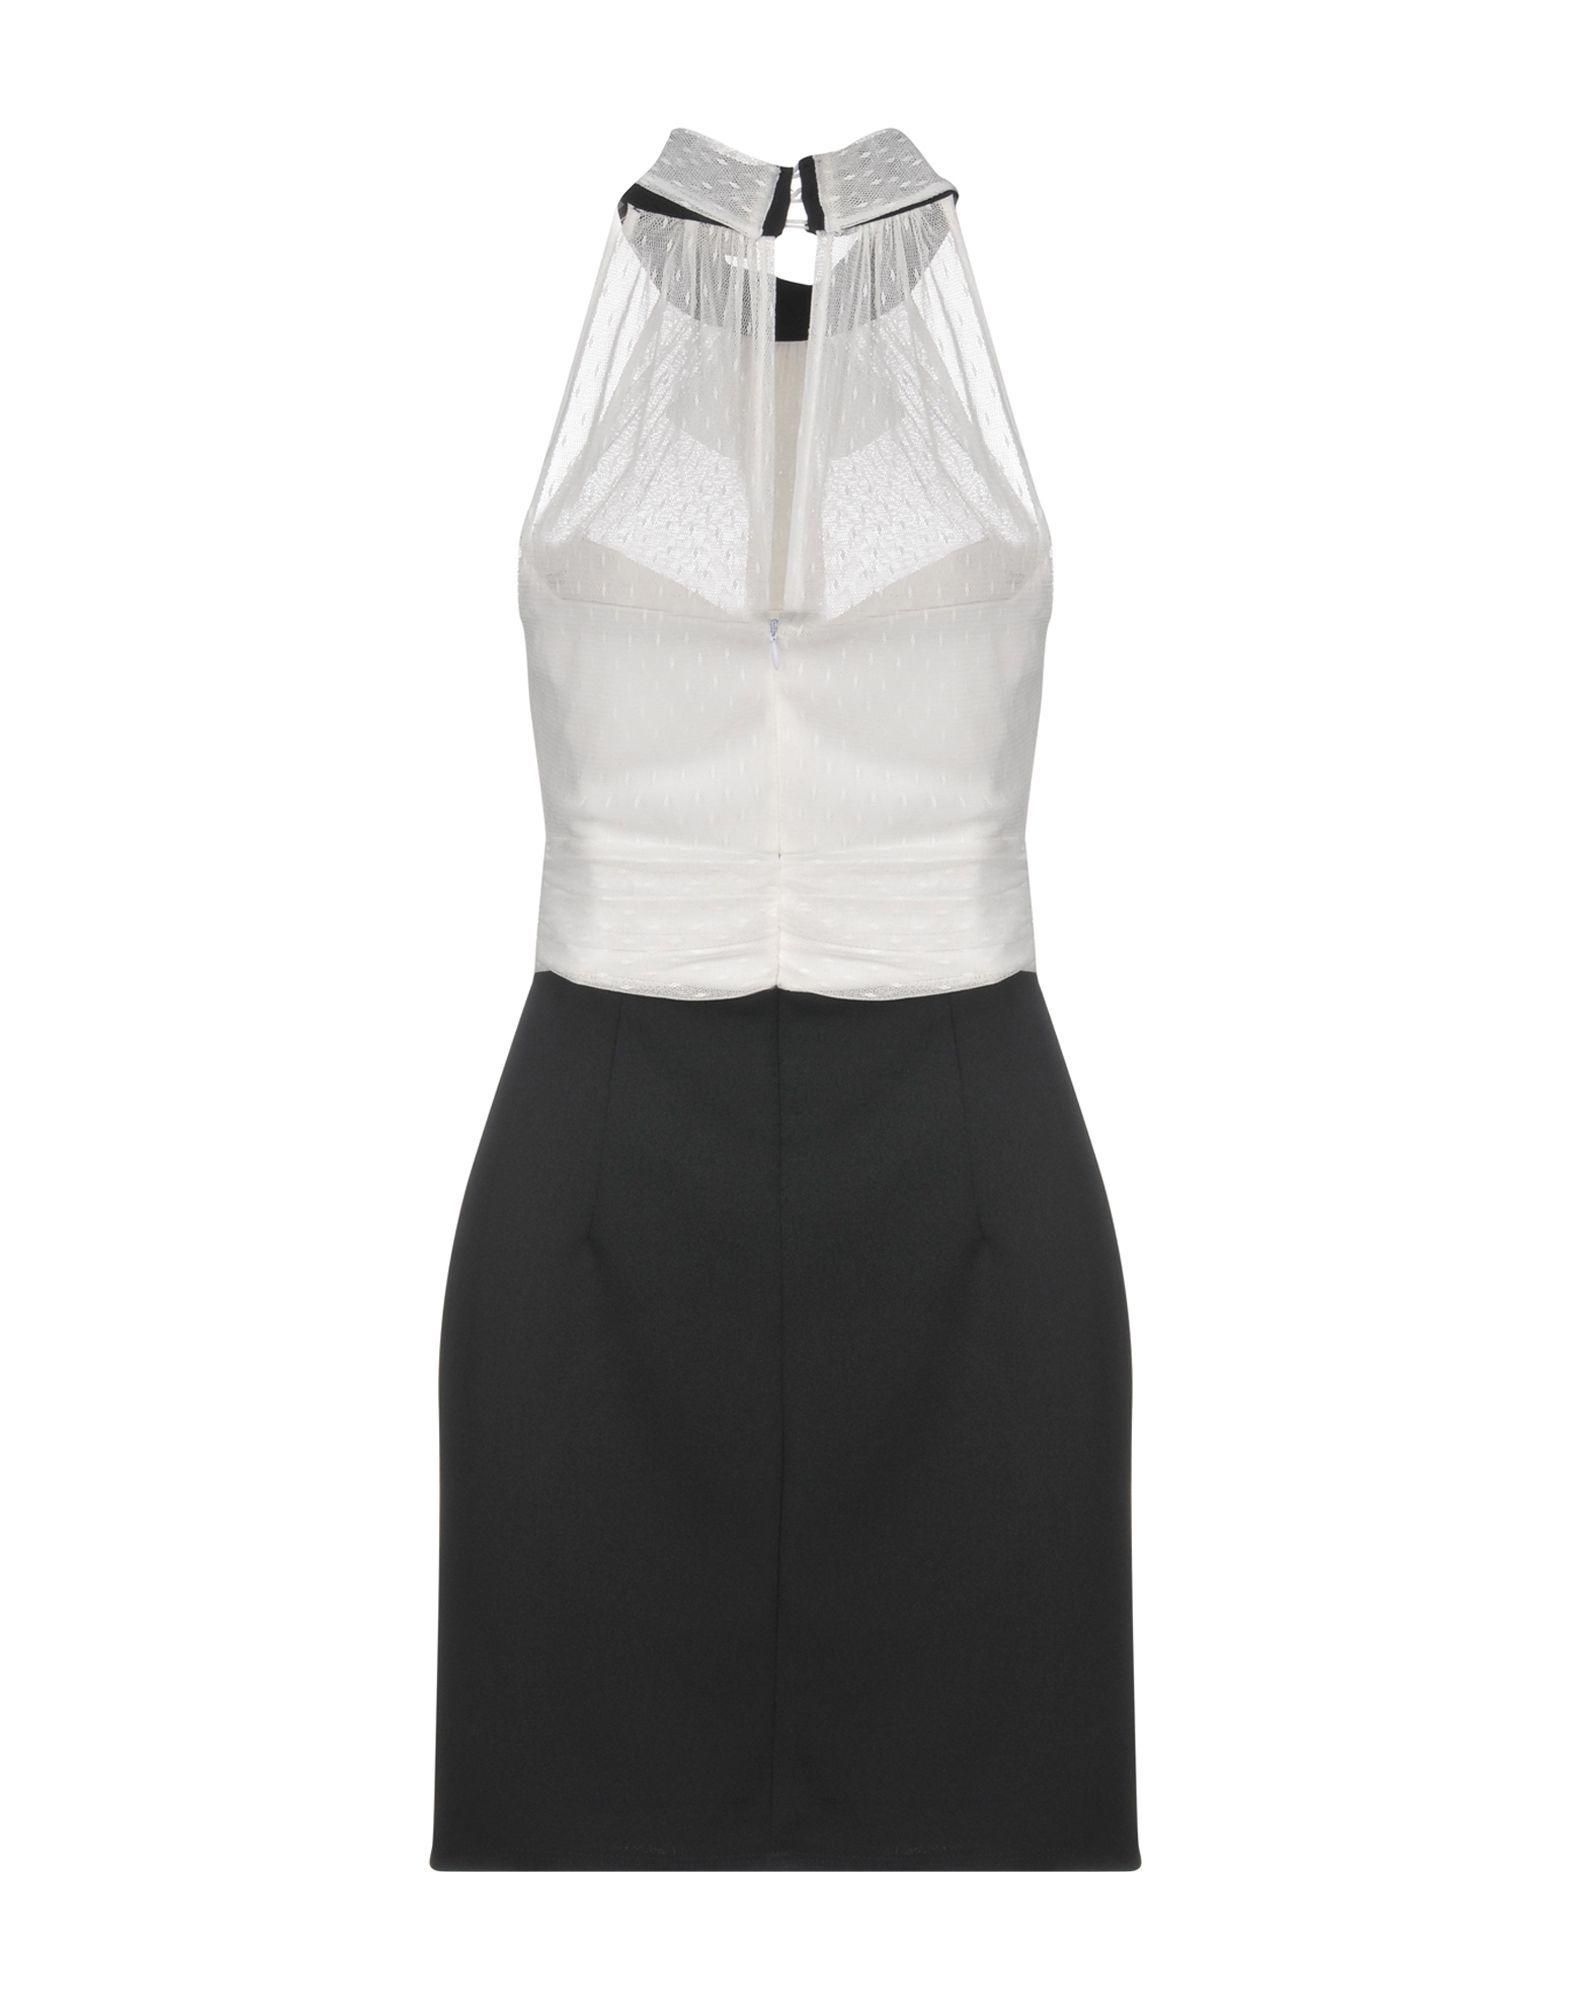 Mangano Monochrome Lace Short Dress